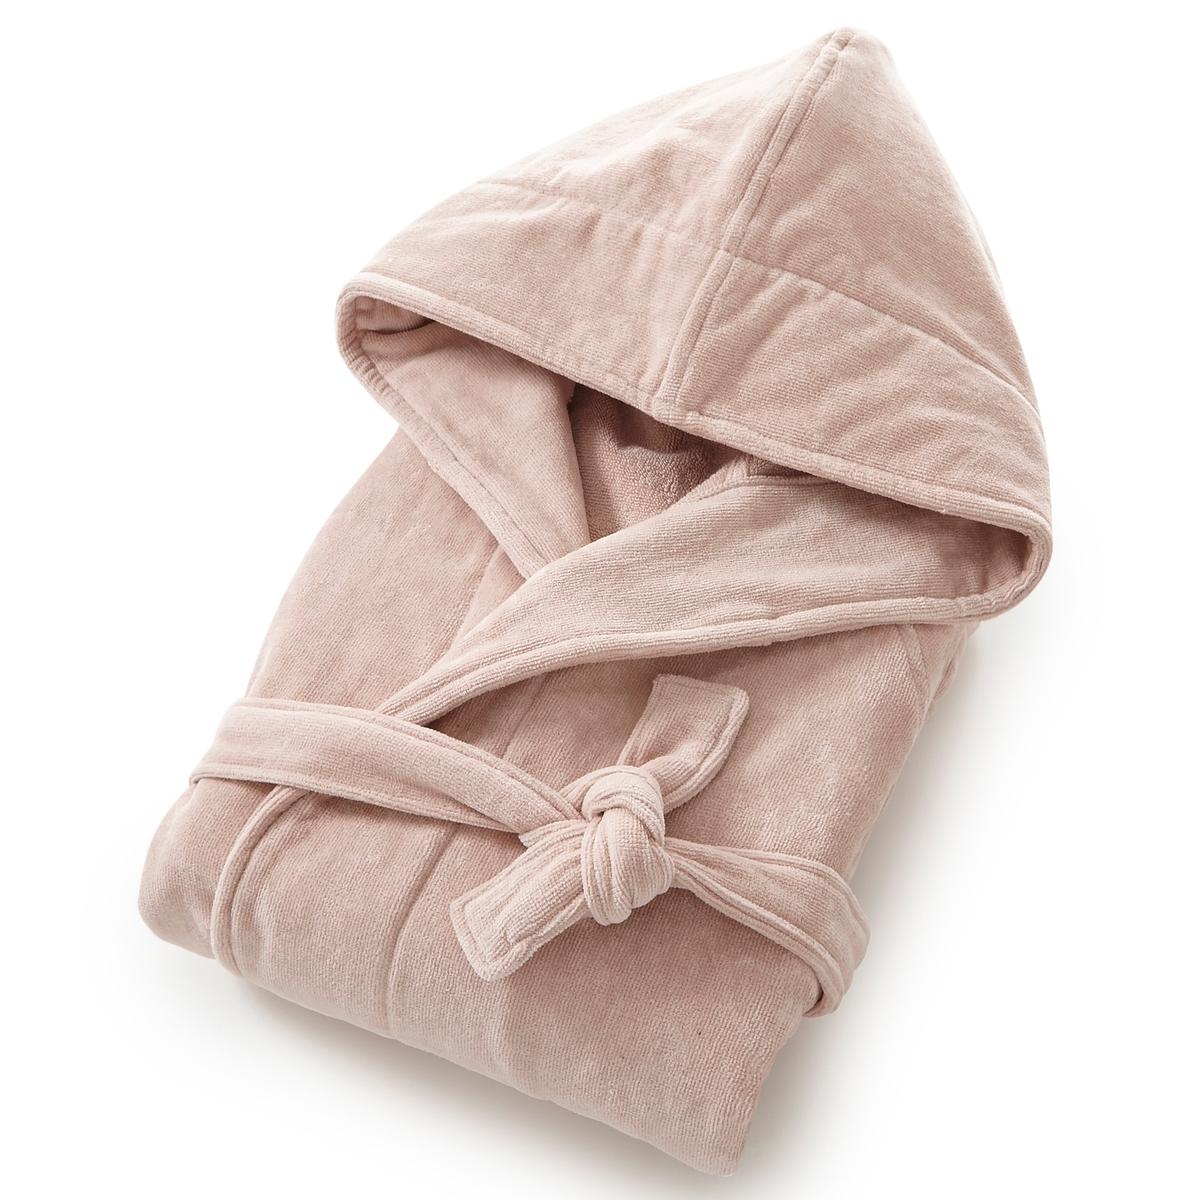 Халат, махровая велюровая ткань, 450 г/м?, качество BestХалат с капюшоном из махровой велюровой ткани, 450 г/м? : мягкая и элегантная махровая велюровая ткань снаружи и махровая ткань букле внутри. Очень тщательная отделка и исключительная впитывающая способность, халат представлен в большой гамме расцветок.Характеристики халата с капюшоном из махровой ткани :Высококачественная махровая ткань, 100% хлопок, 450 г/м?.Махровая ткань букле внутри, мягкая и шелковистая махровая велюровая ткань снаружи.Капюшон, рукава реглан, 2 кармана с прострочкой, пояс со шлевками.Длина 110-113 см.Материал долго сохраняет мягкость и прочность. Превосходная стойкость цвета после стирки при 60 °C.Машинная сушка.<br><br>Цвет: белый,розовая пудра<br>Размер: 34/36 (FR) - 40/42 (RUS).46/48 (FR) - 52/54 (RUS)